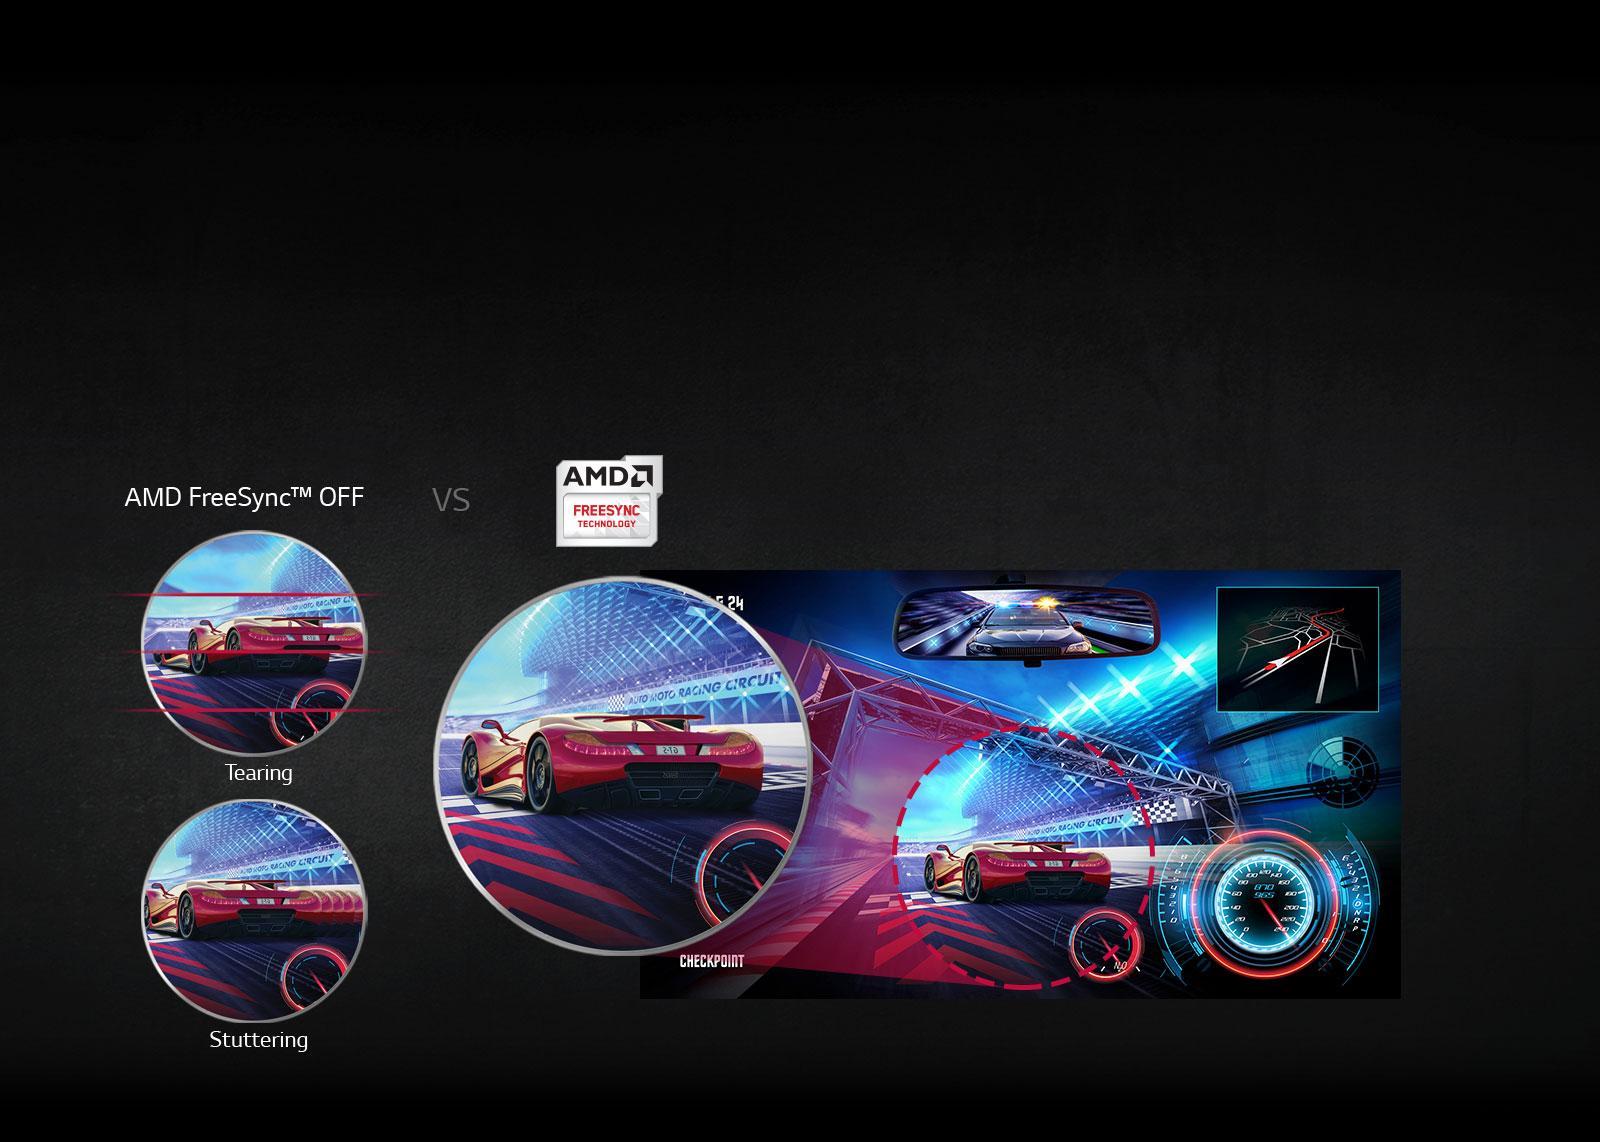 27GK750F-B AMD FreeSync™ Technology